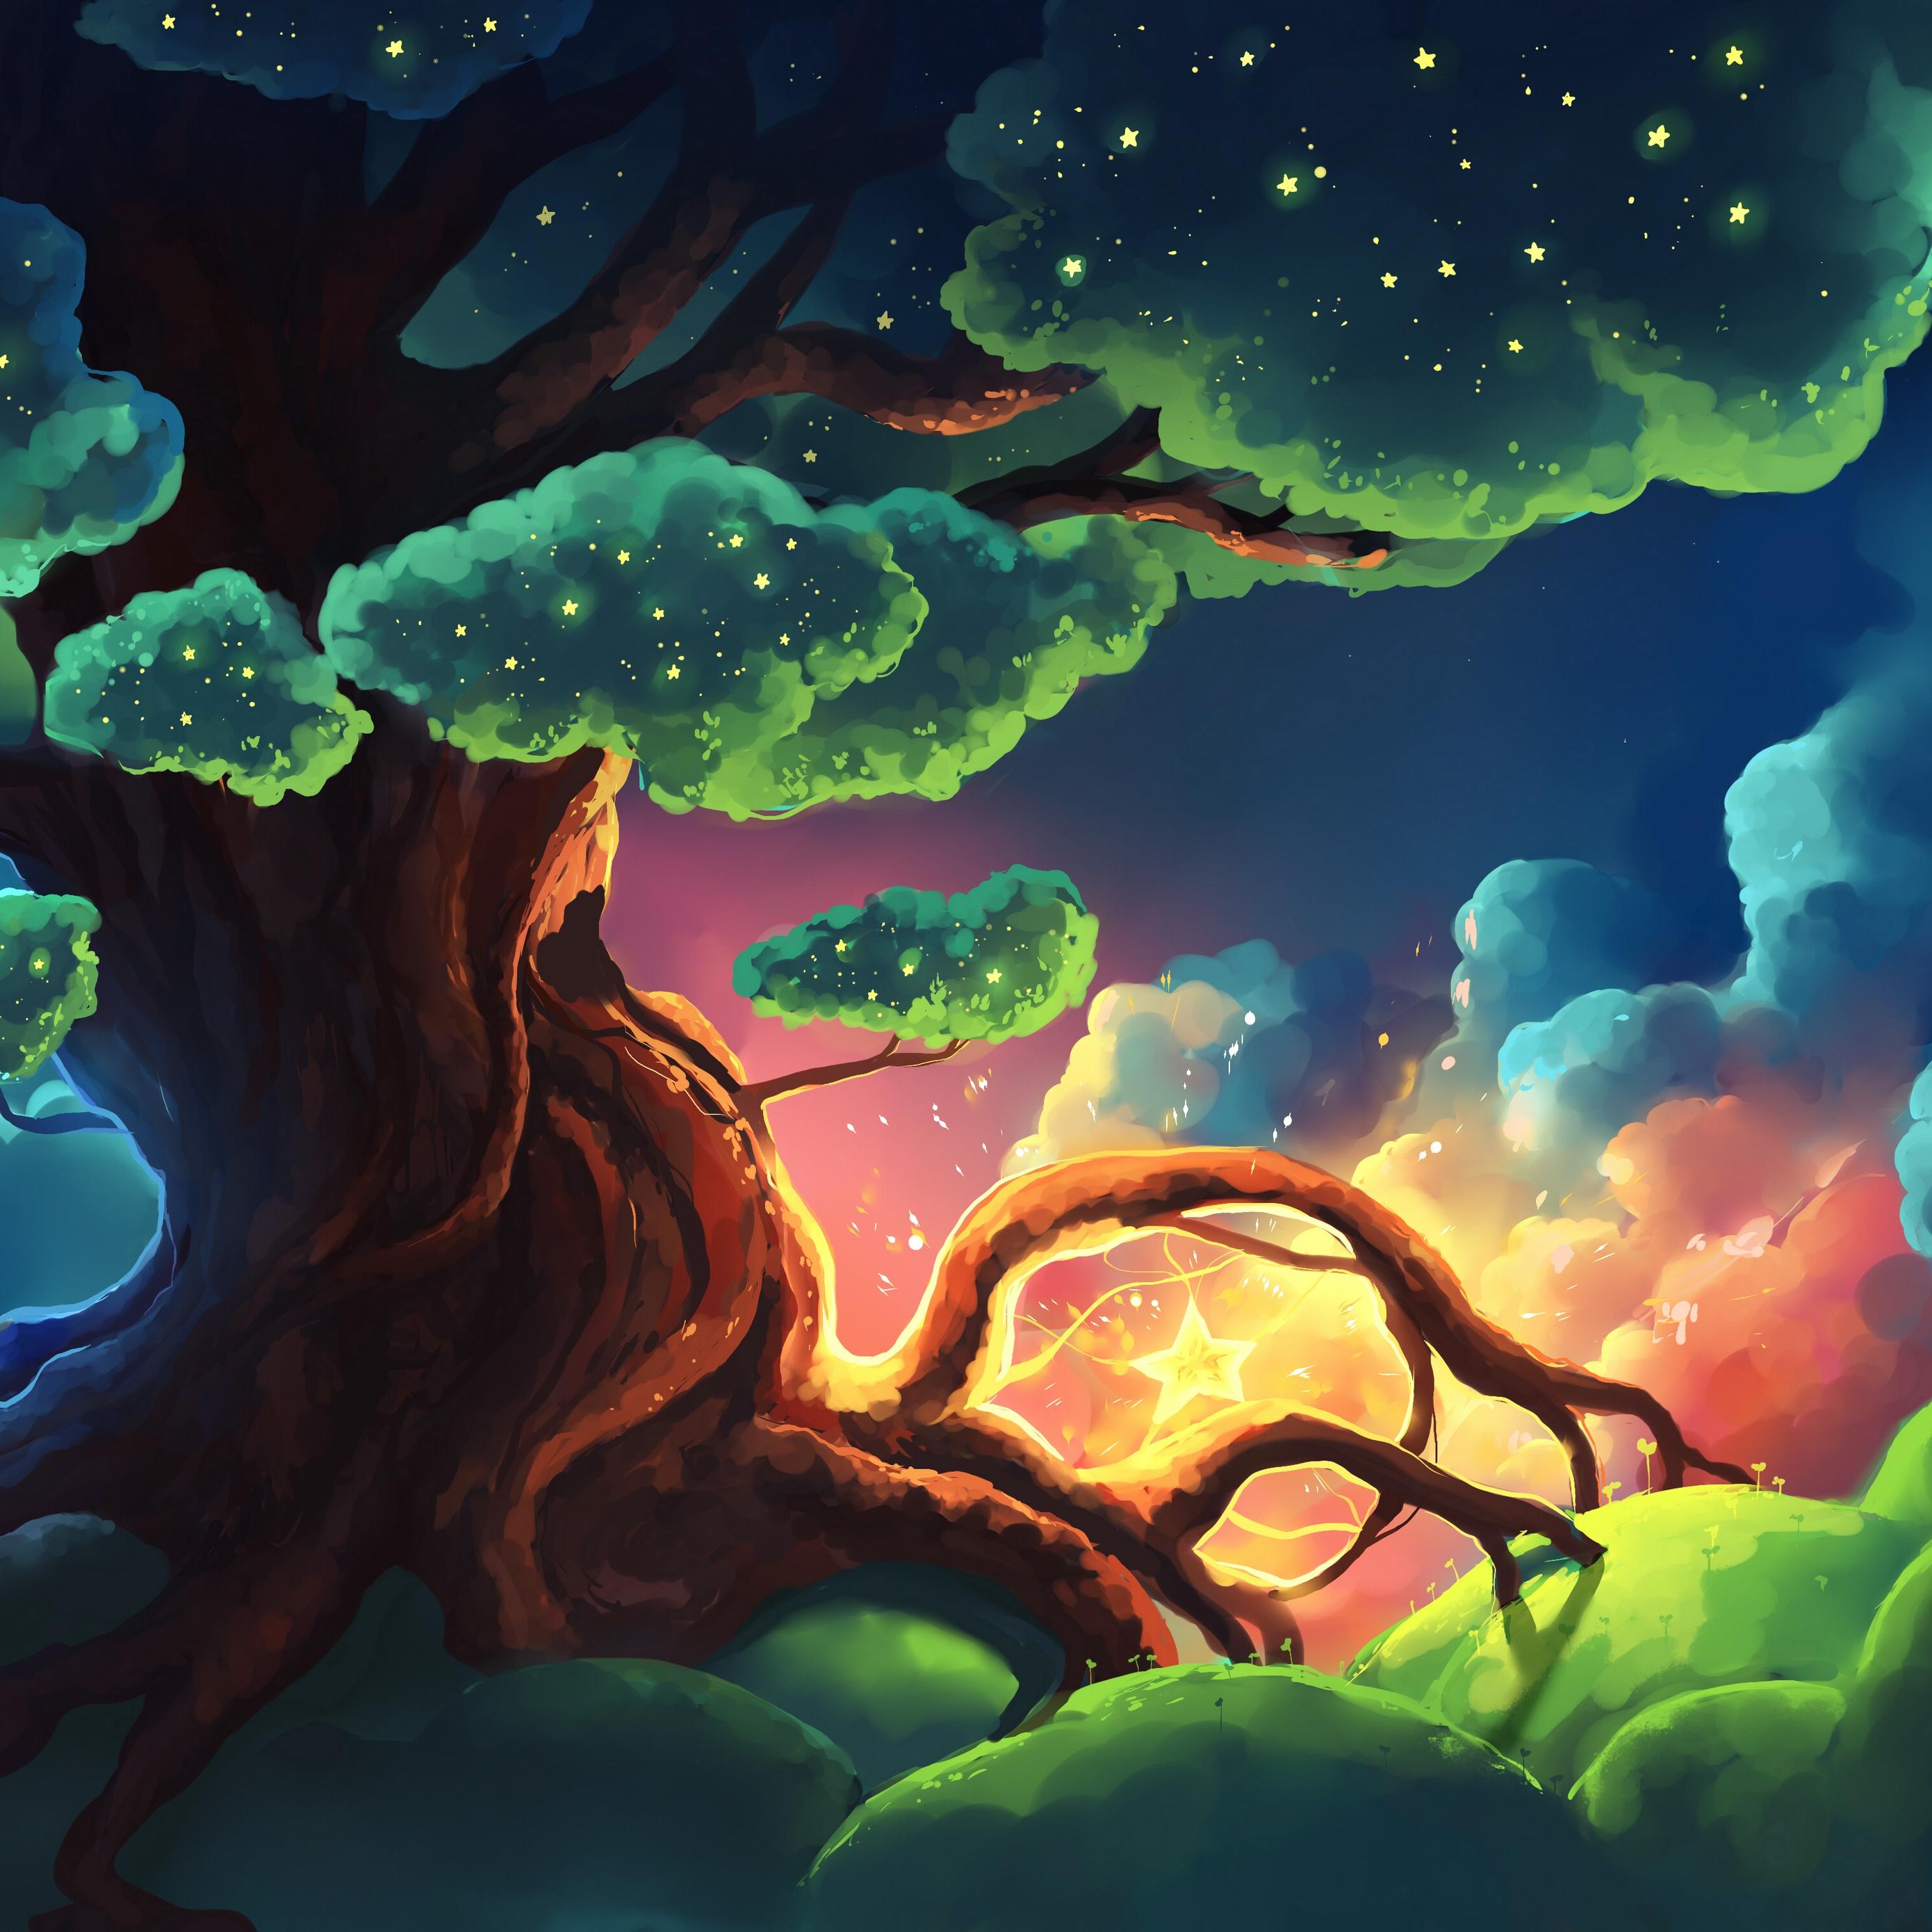 Download wallpaper 2780x2780 tree stars glow night art ipad 2780x2780